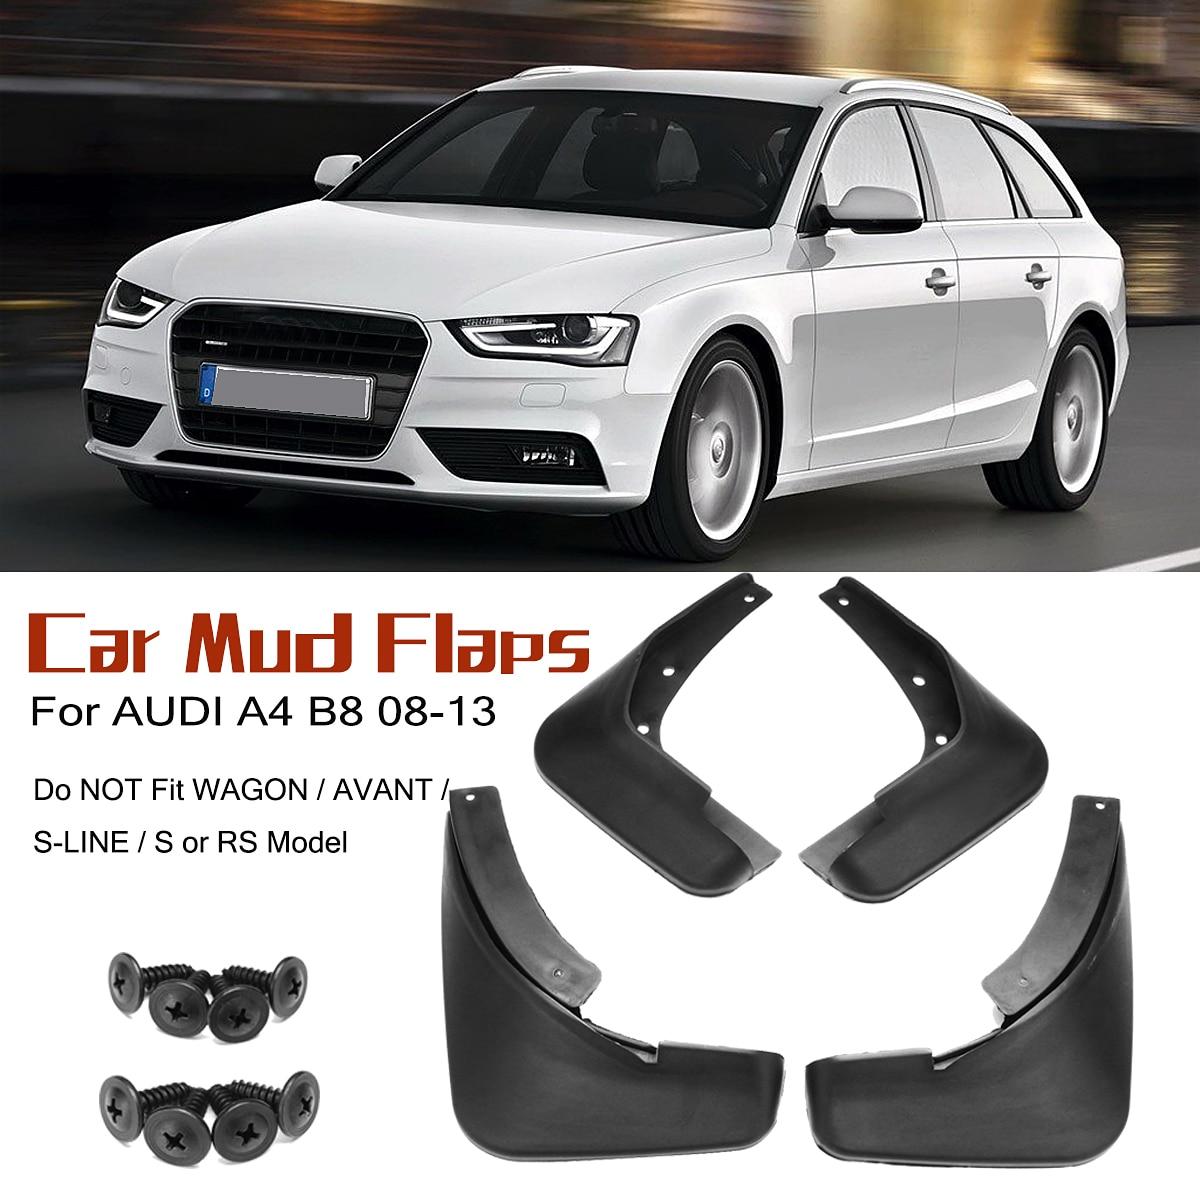 Guardabarros de coche 4 Uds para Audi A4 B8 2008 2009 2010 2011 2012 2013 guardabarros de coche accesorios